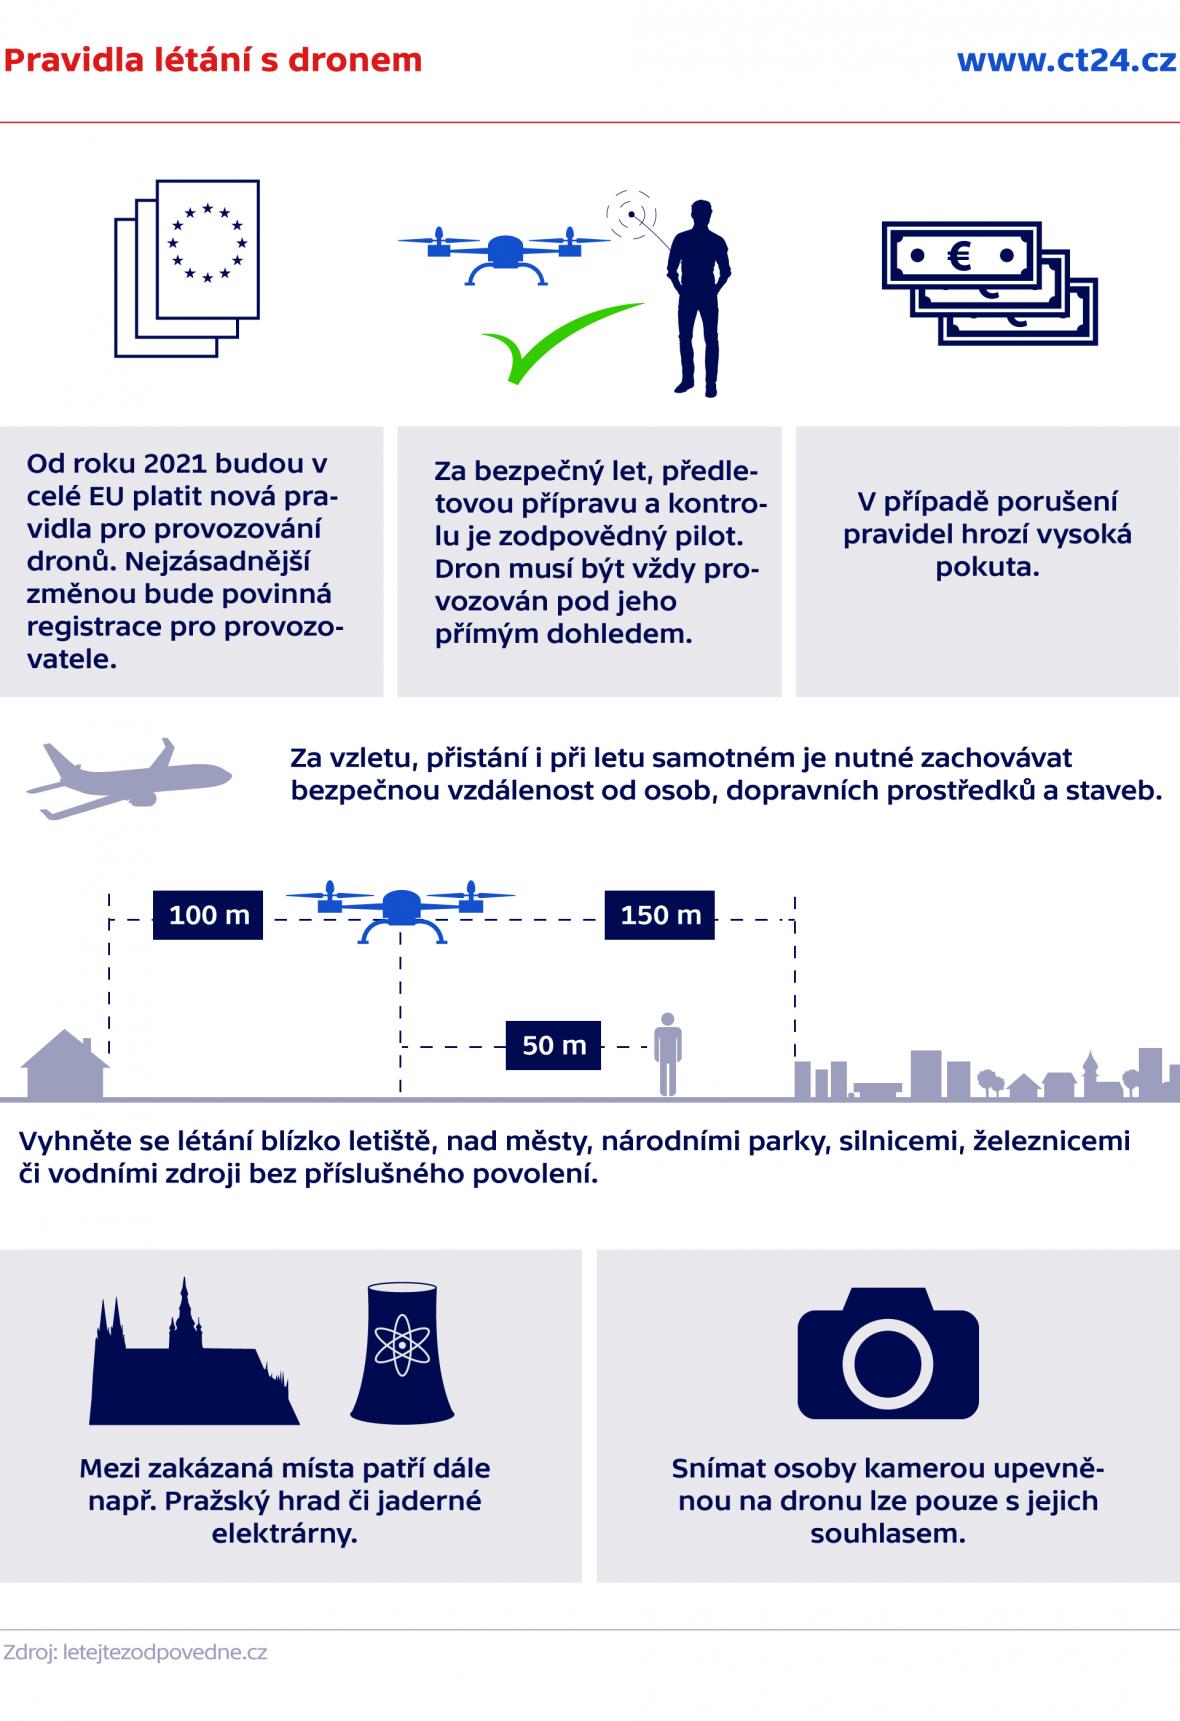 Pravidla létání s dronem